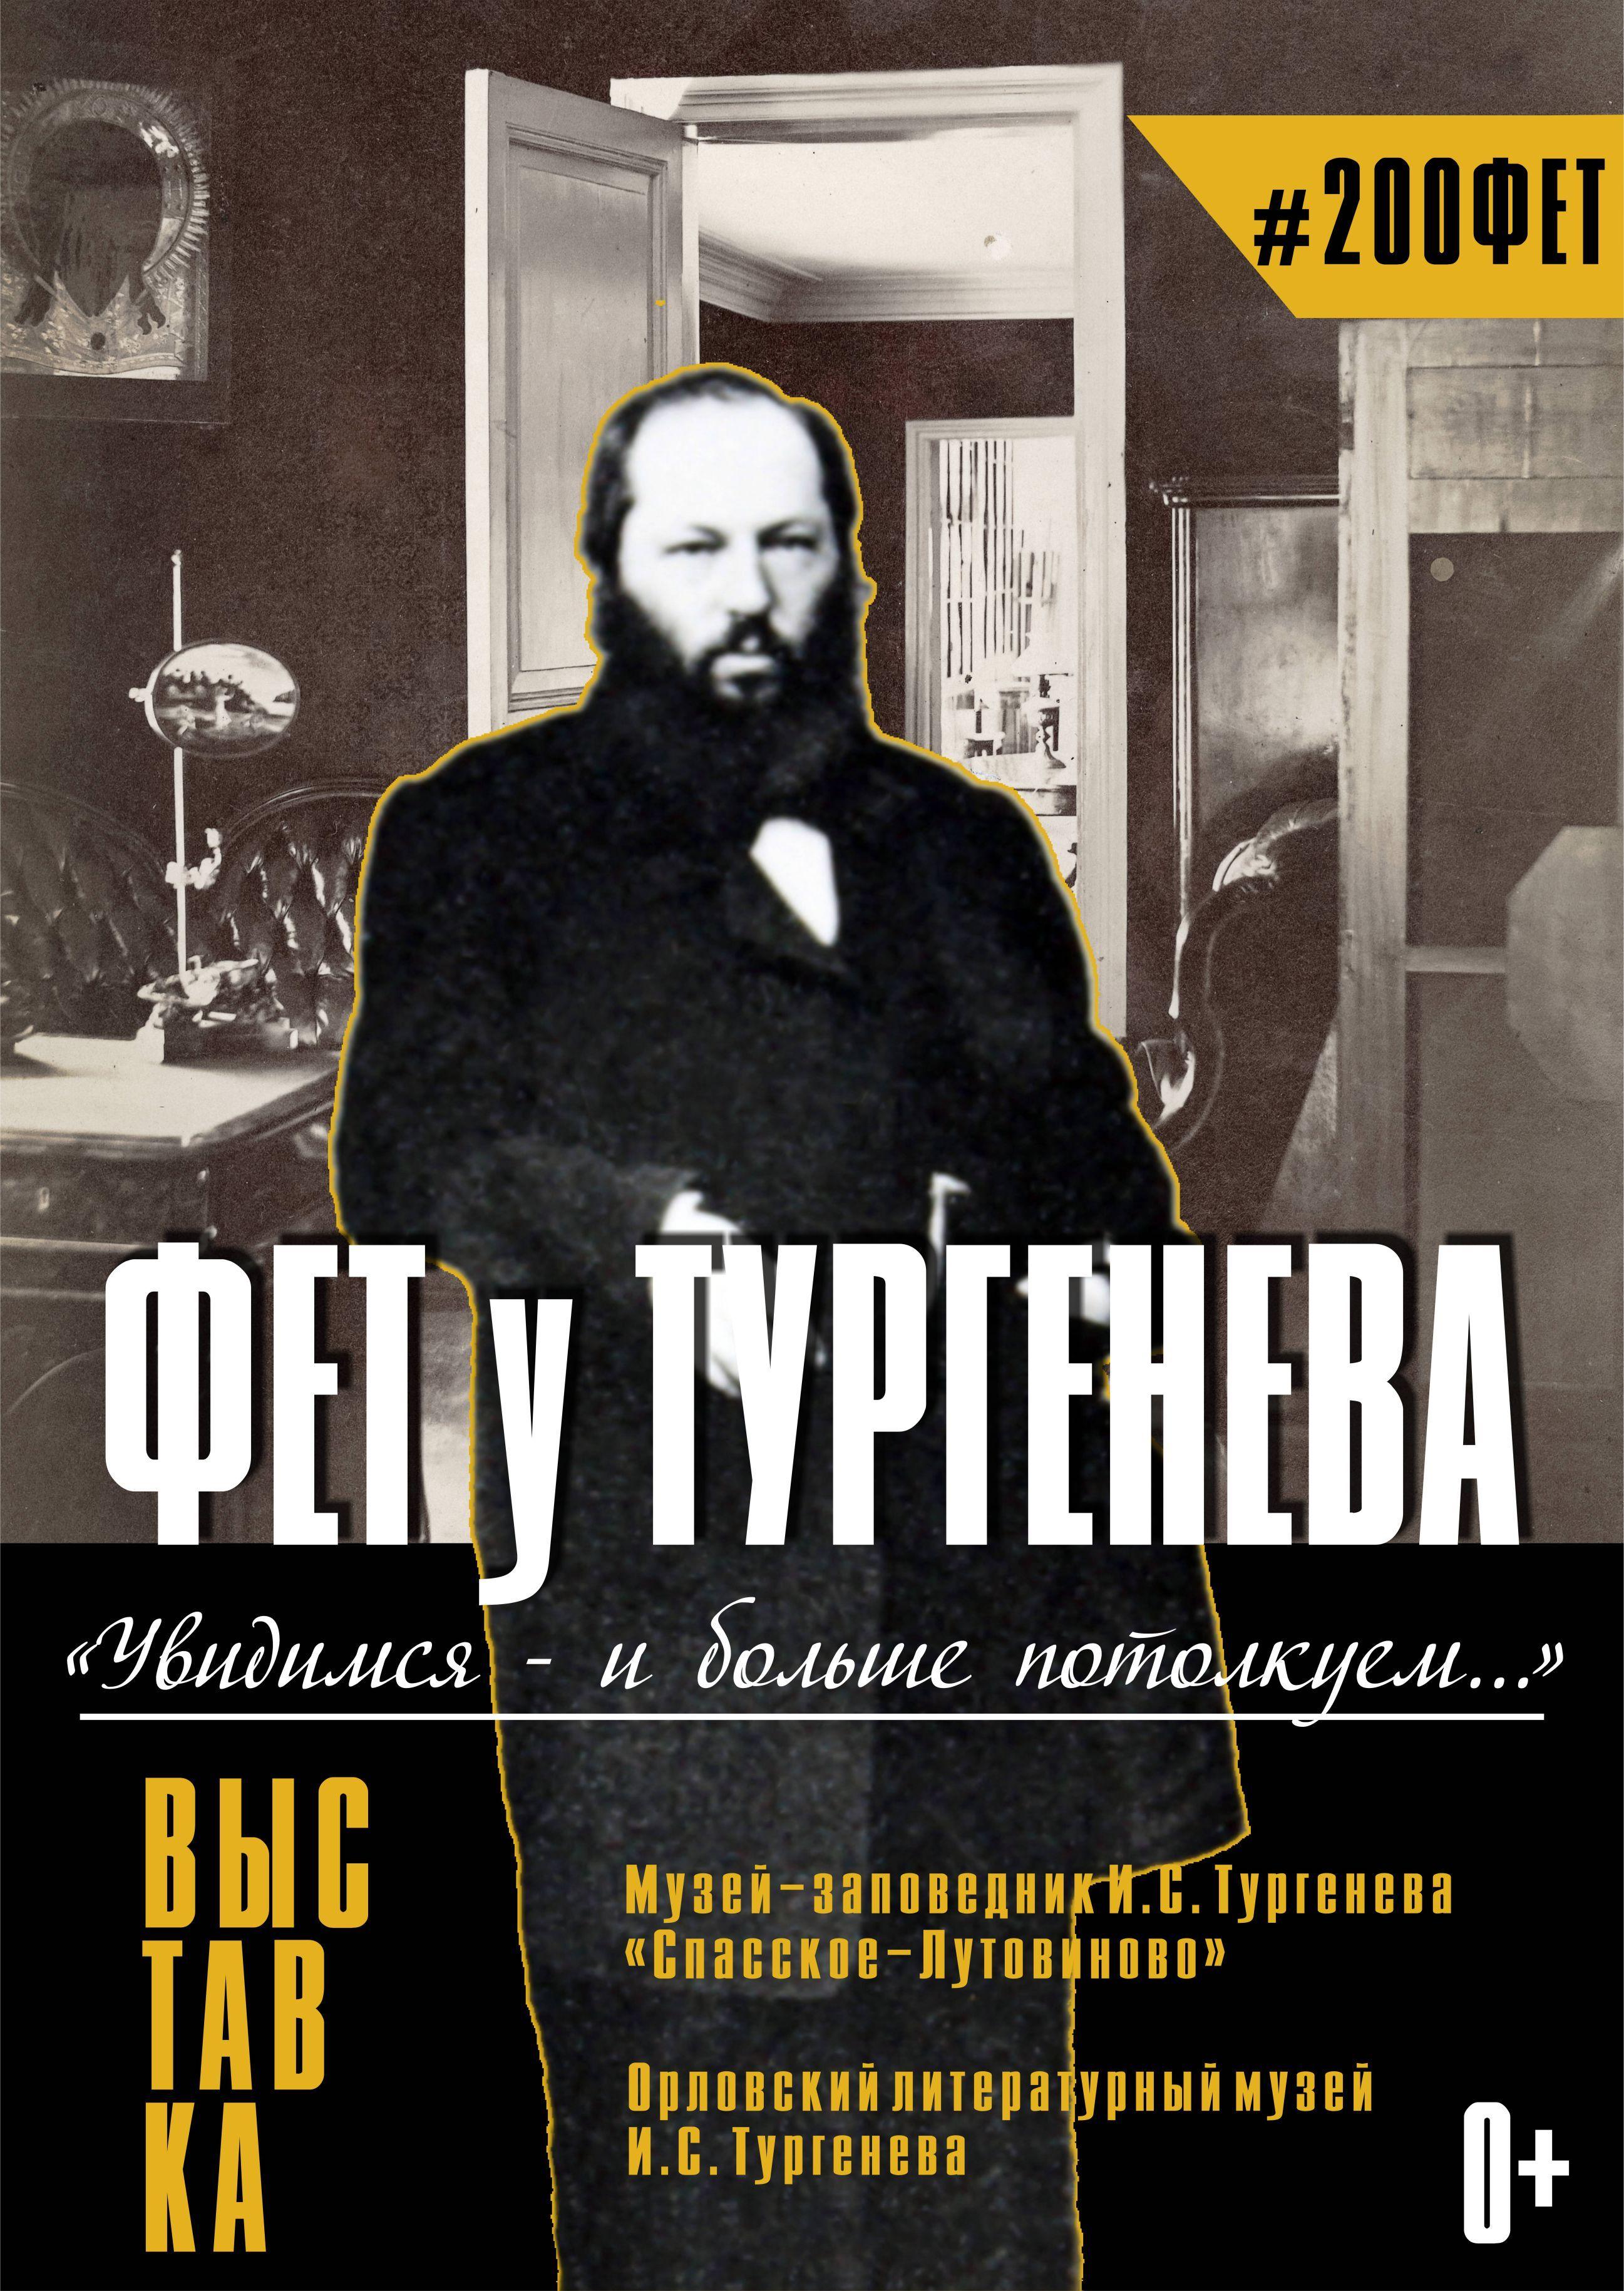 vystavka-5-dekabrya